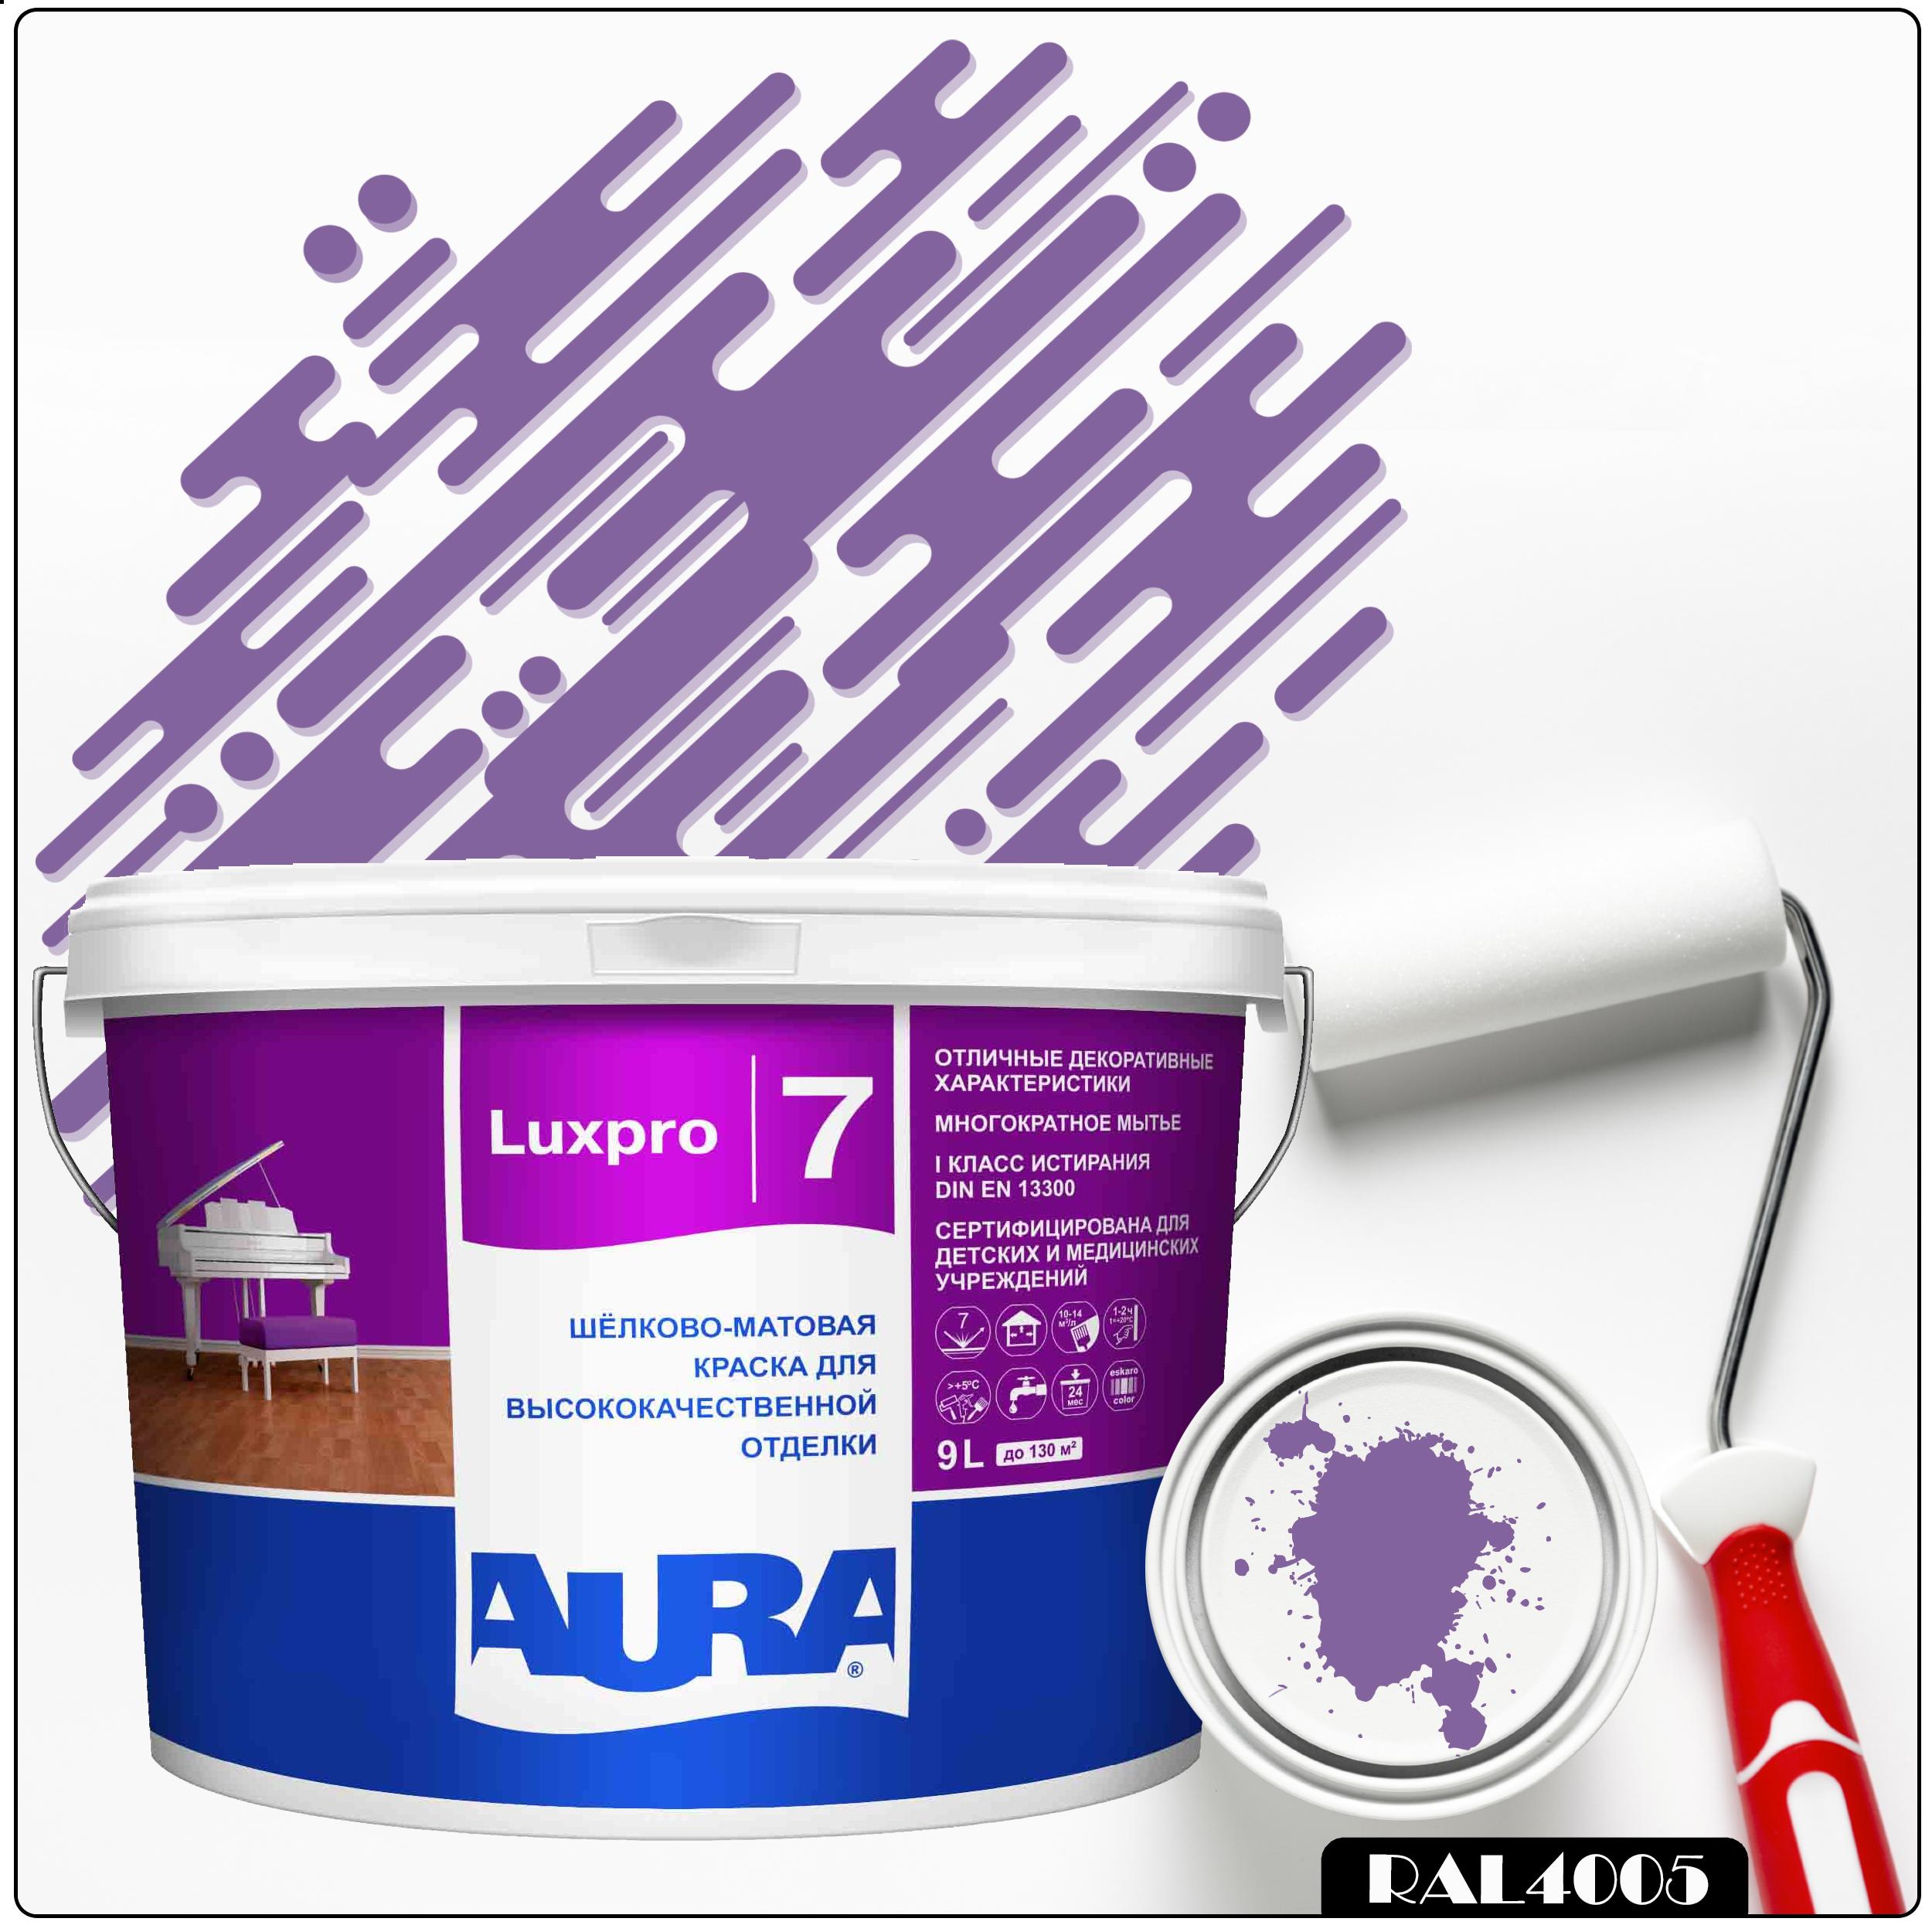 Фото 5 - Краска Aura LuxPRO 7, RAL 4005 Сине-сиреневый, латексная, шелково-матовая, интерьерная, 9л, Аура.